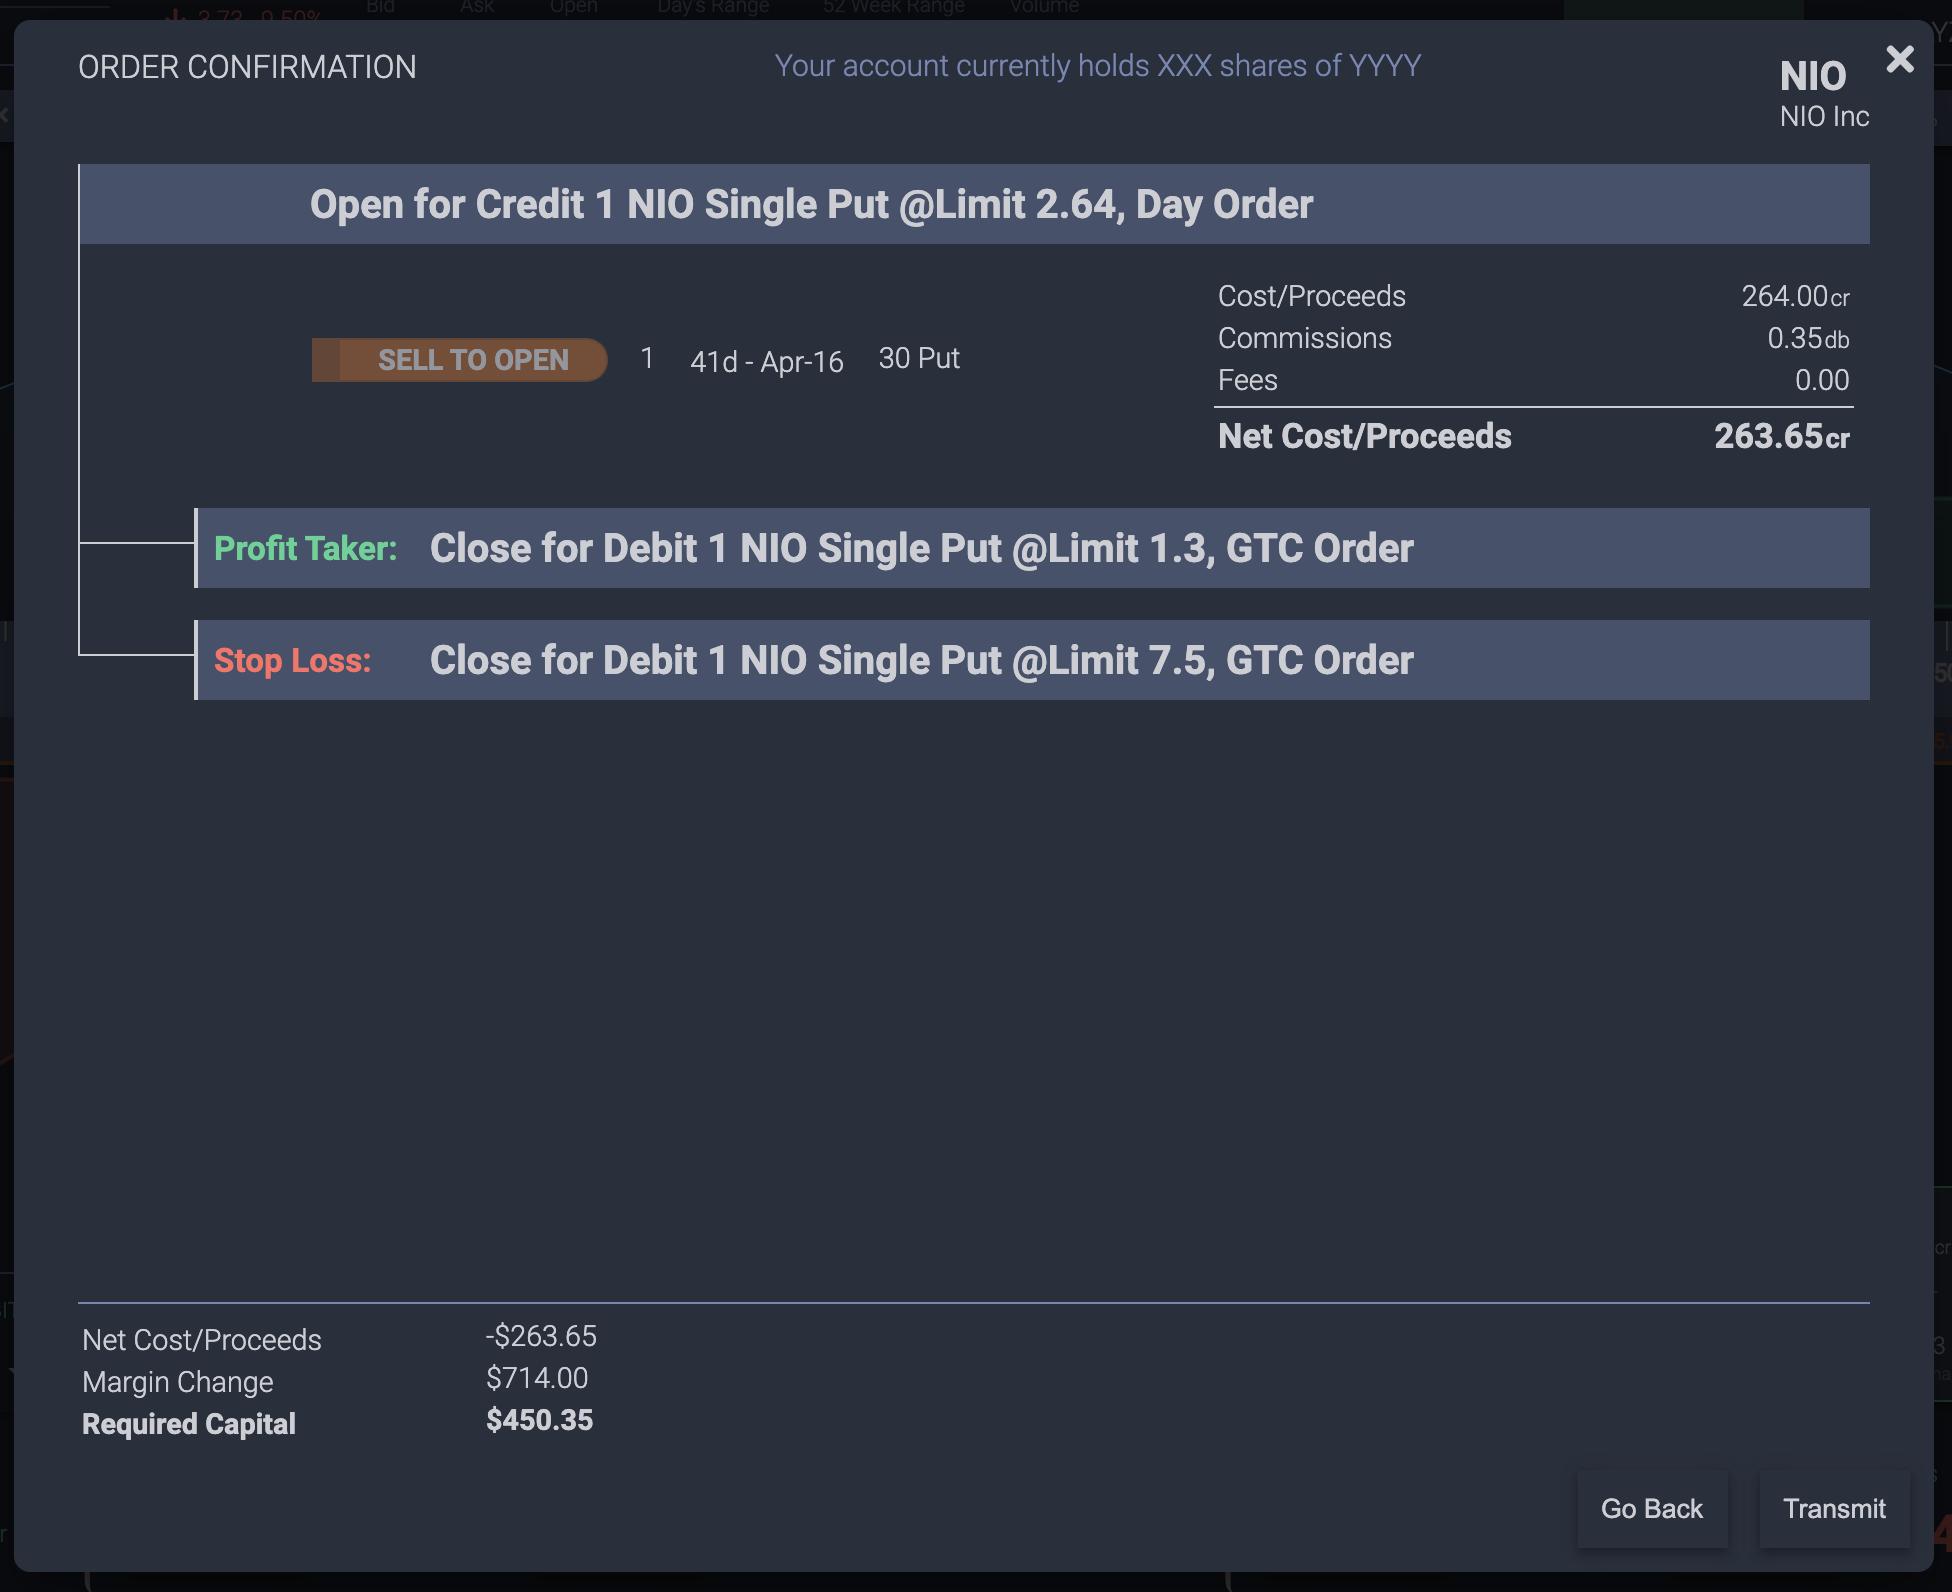 eDeltaPro Complex order management